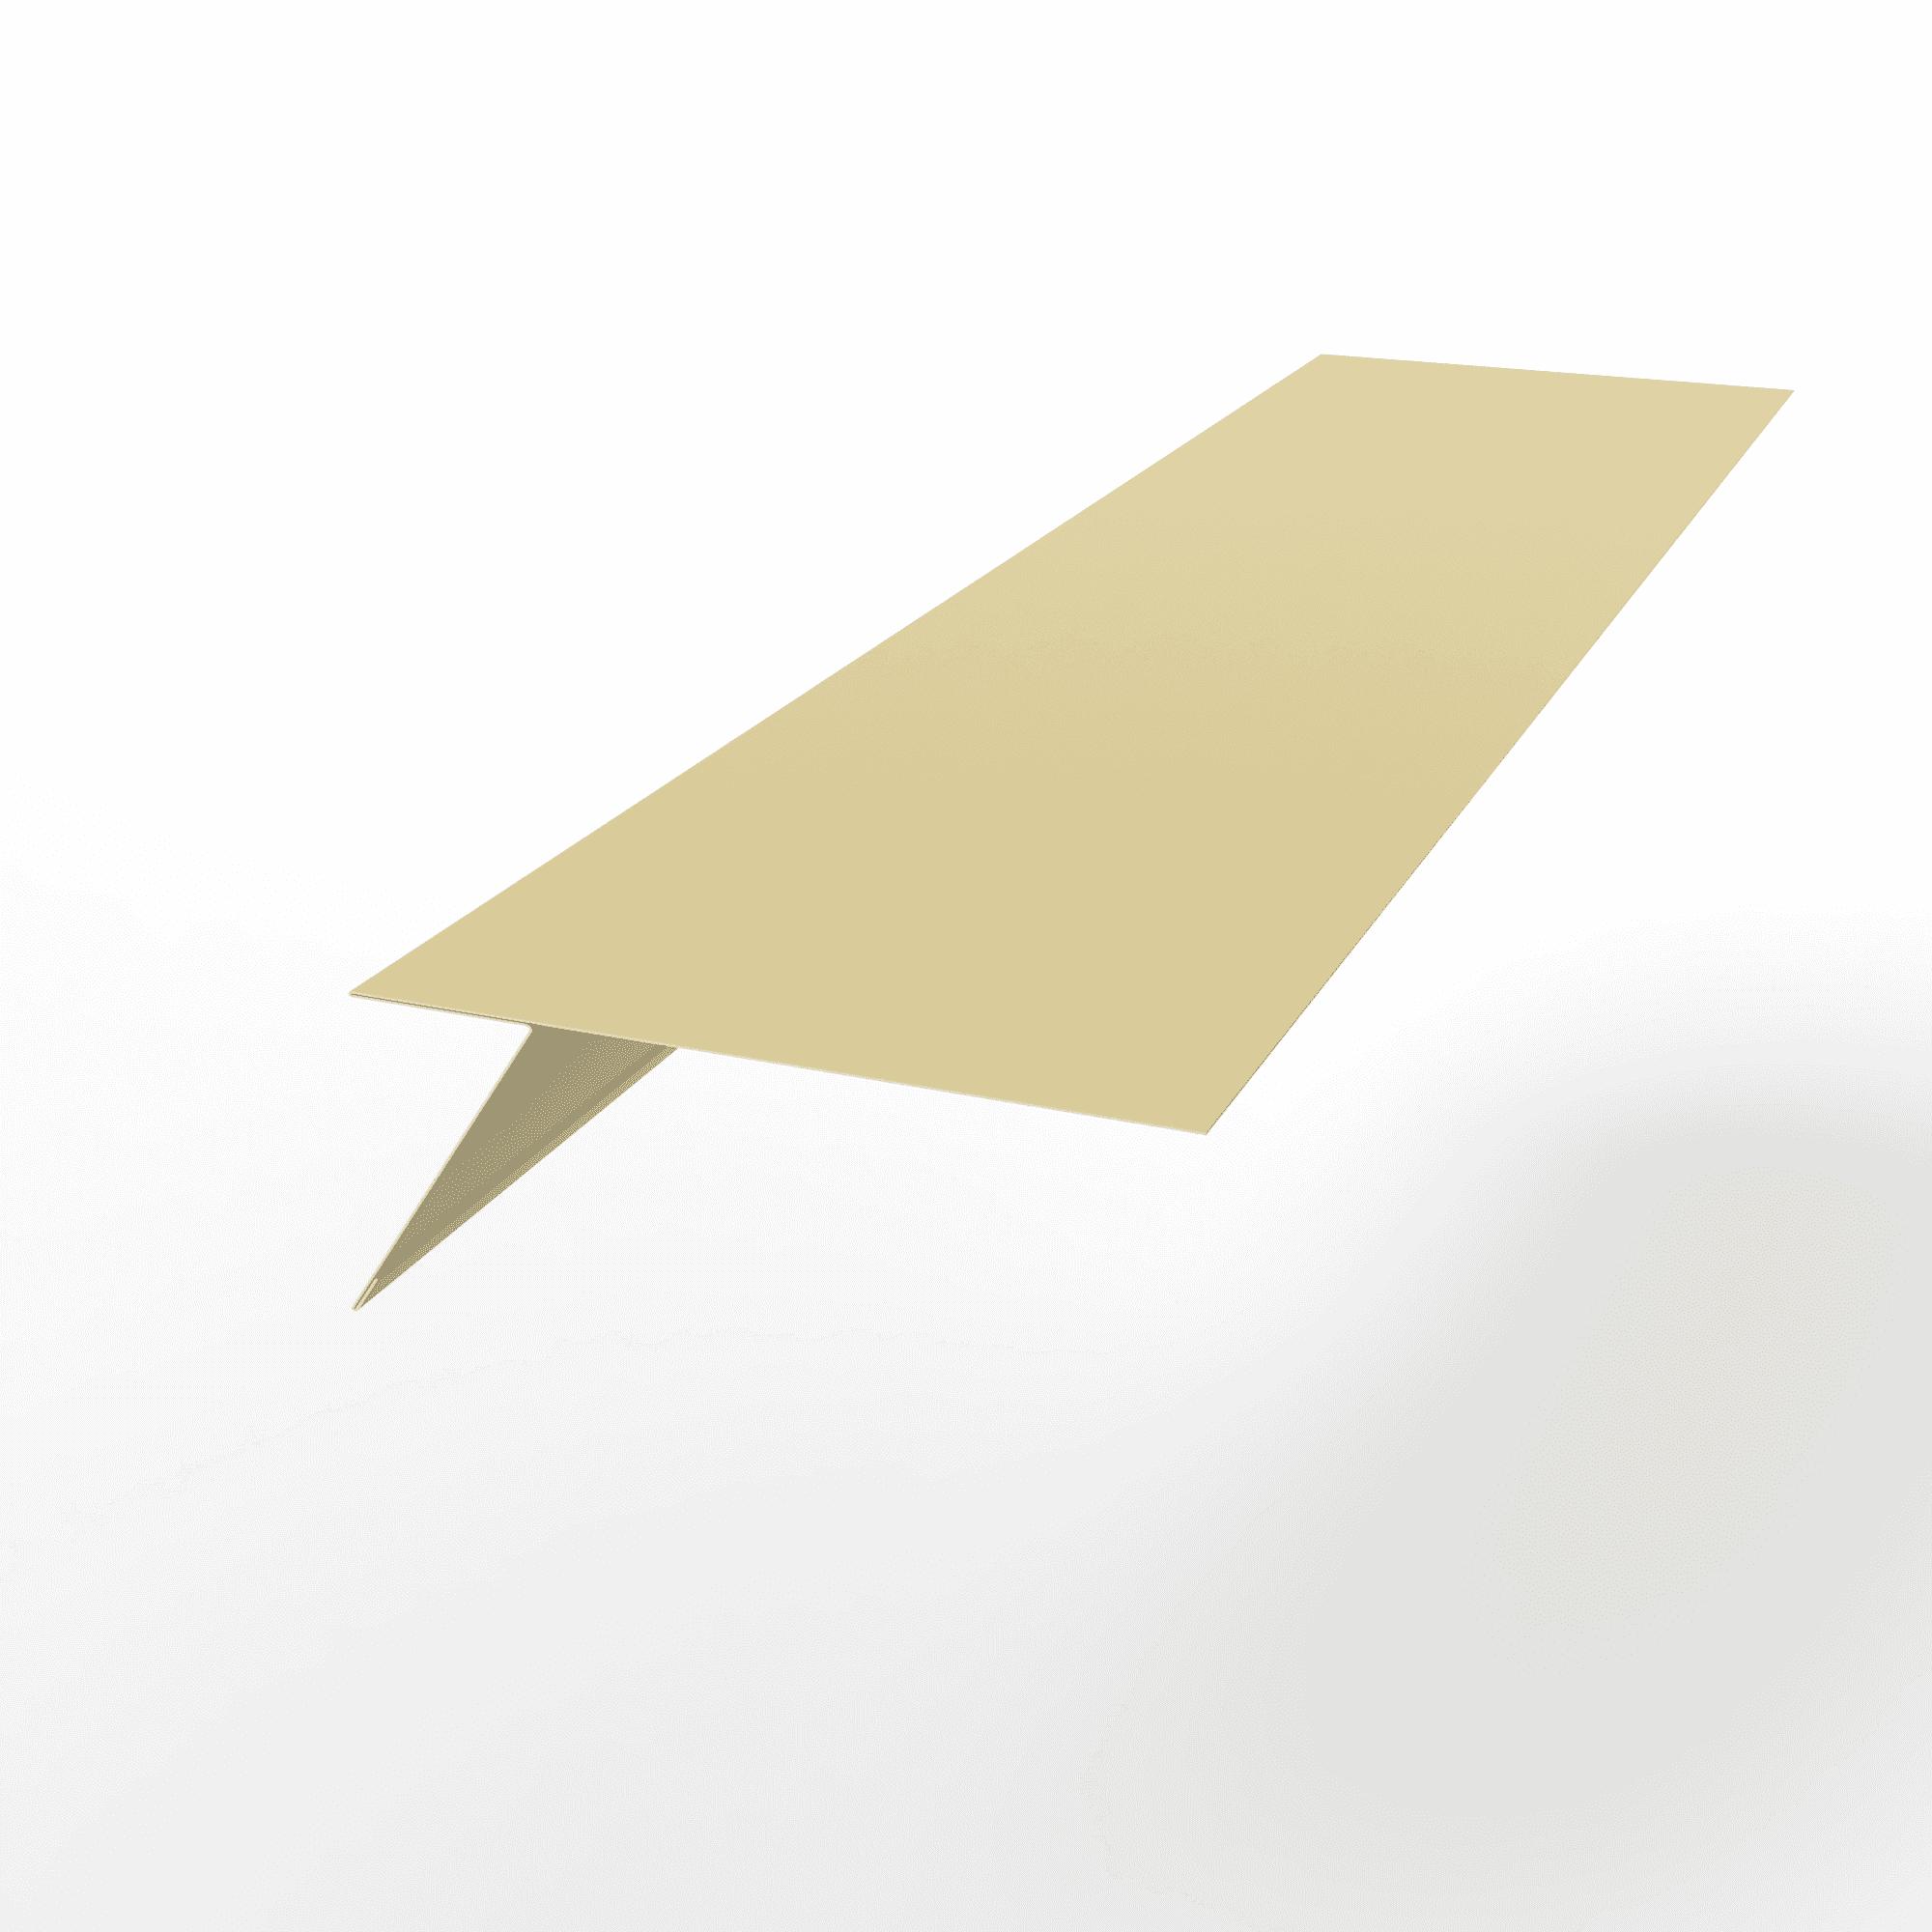 Планка карнизная оцинкованная с порошковым покрытием 0,45мм RAL 1014